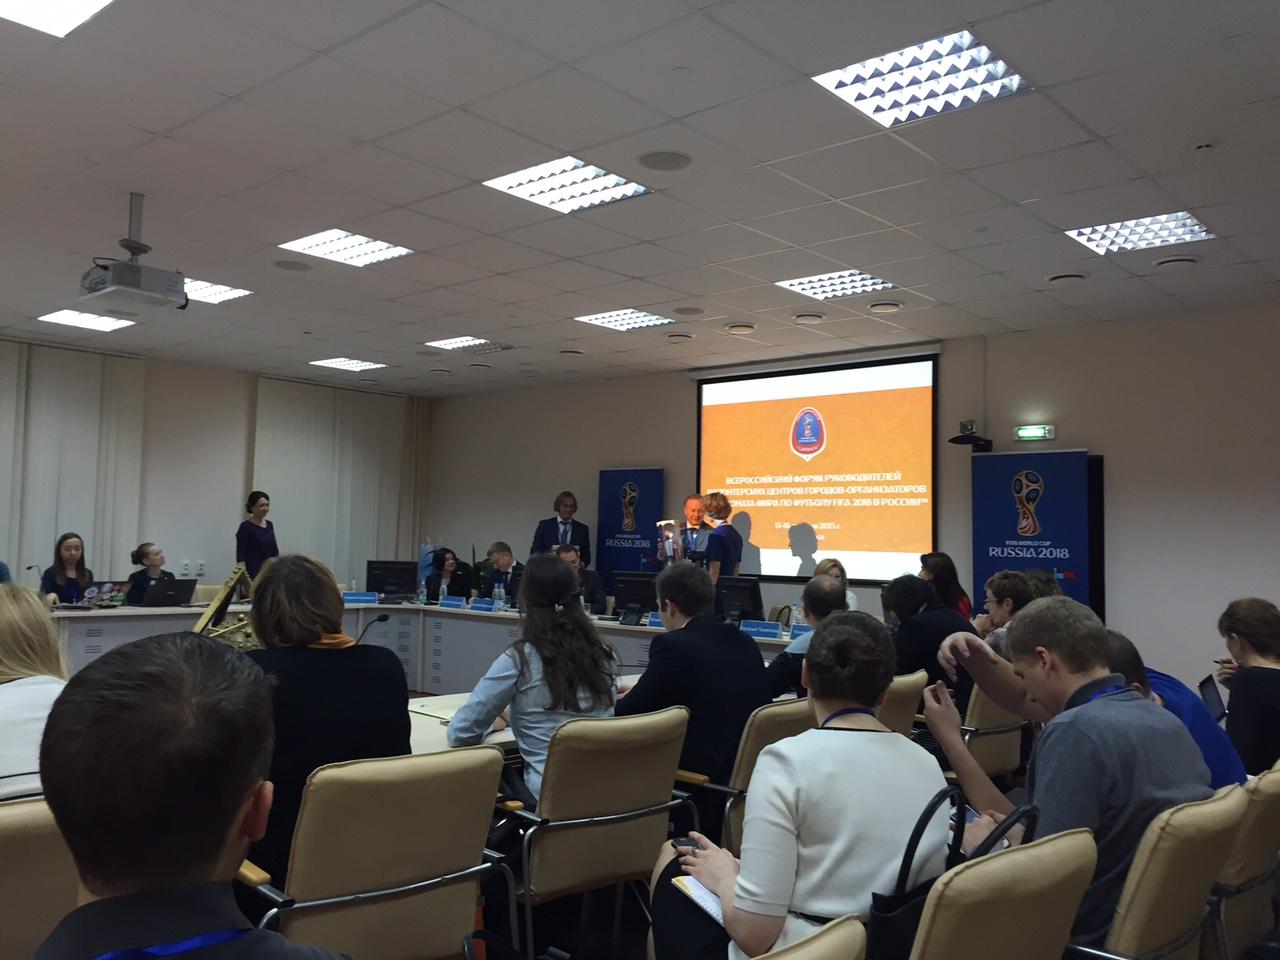 Опыт «Исполнительной дирекции спортивных проектов» востребован при подготовке к Чемпионату мира по футболу FIFA 2018 года